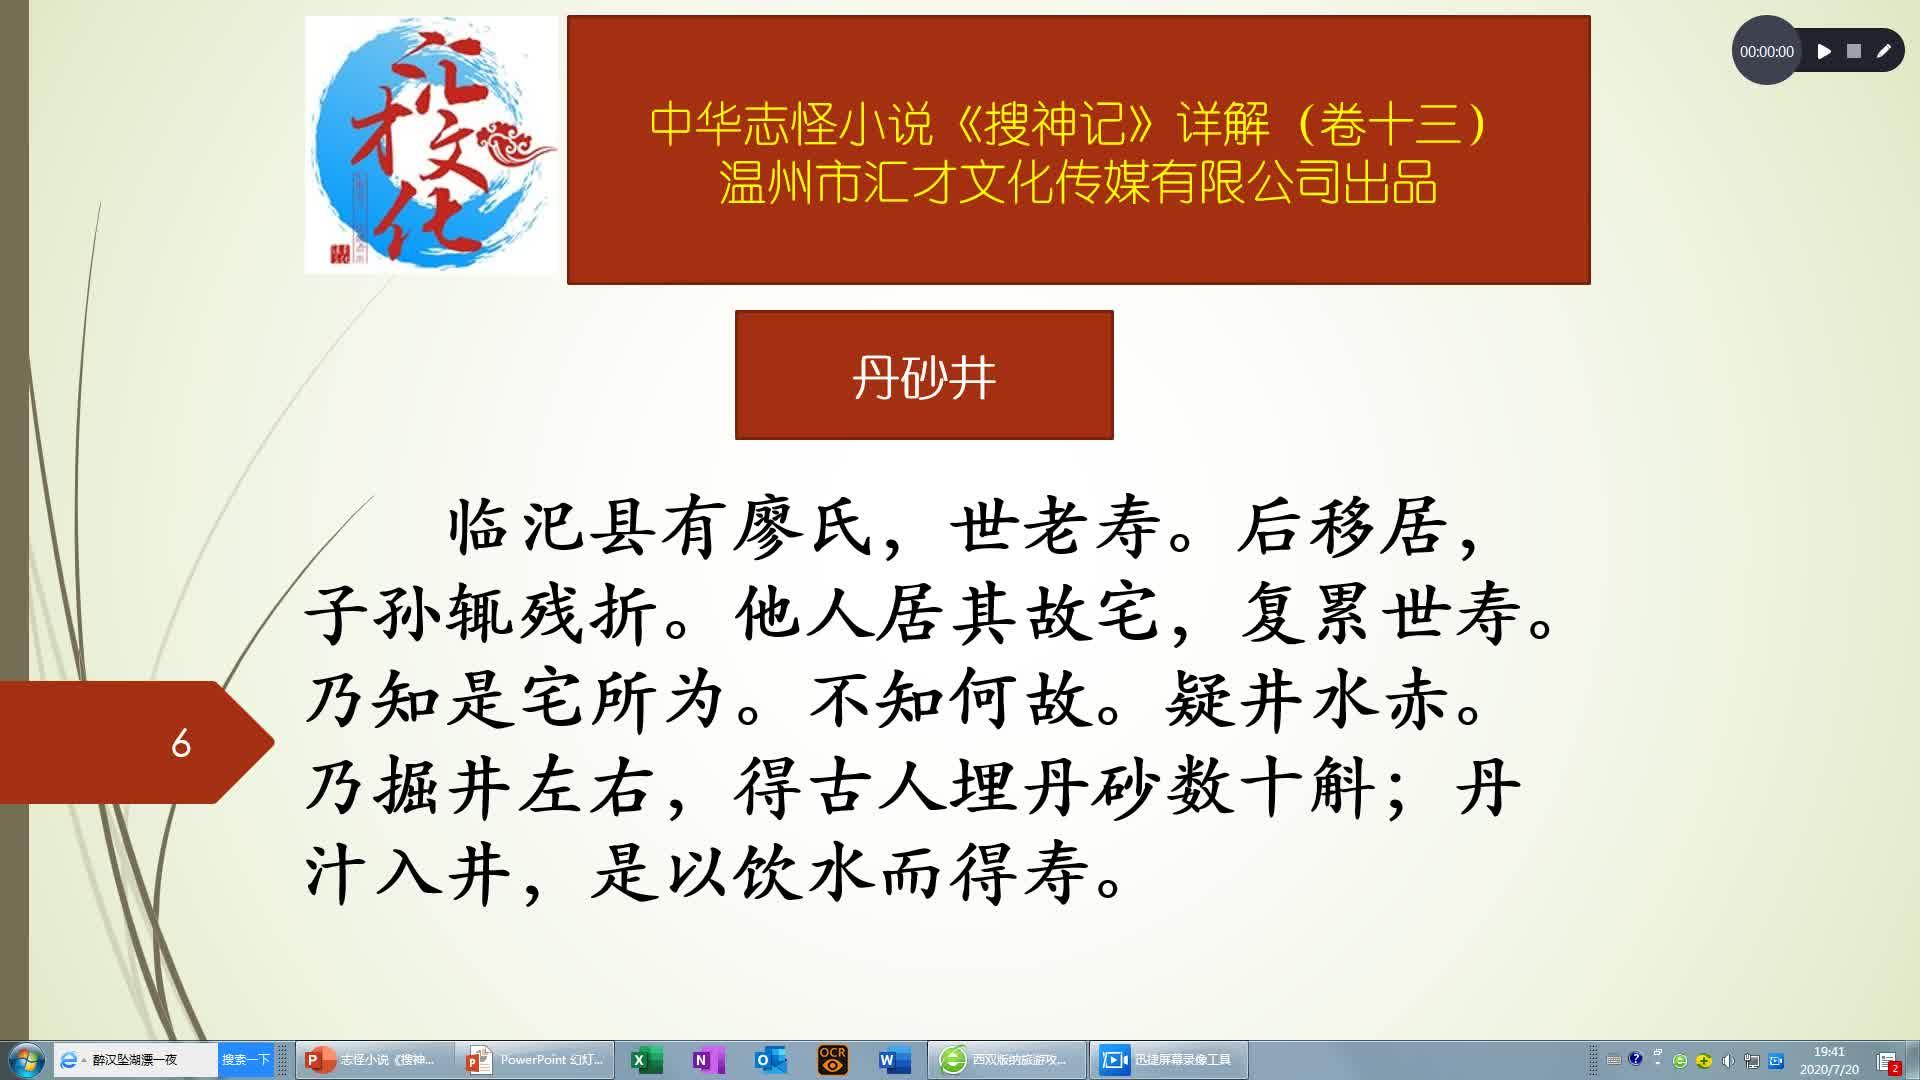 中华志怪小说《搜神记》详解卷十三202丹砂井